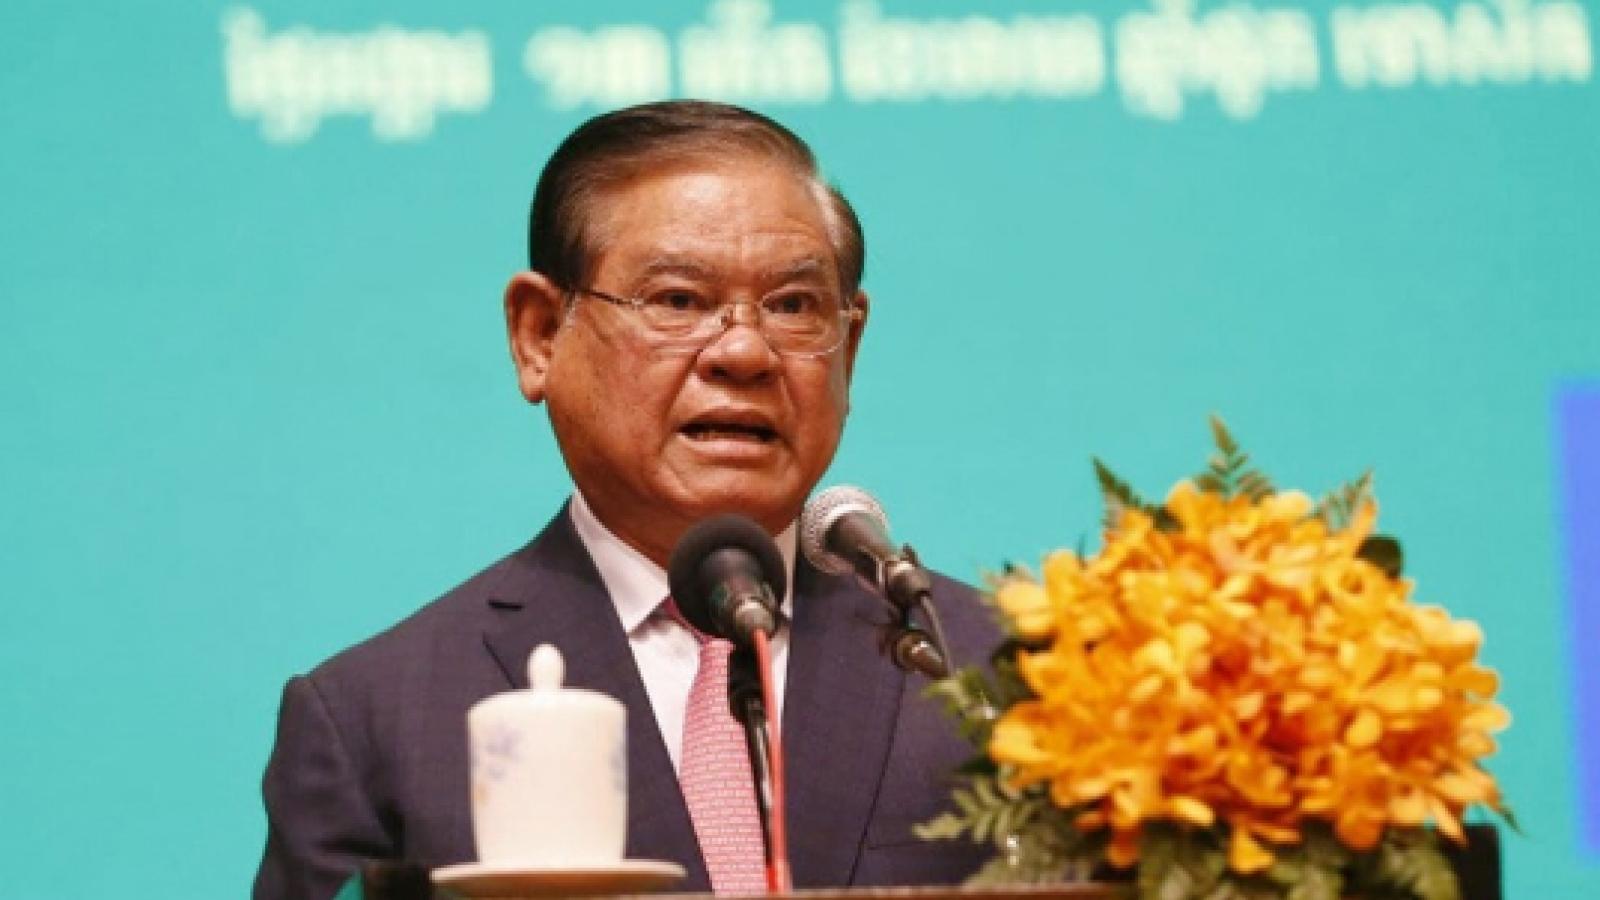 Campuchia có tỷ lệ chênh lệch giới tính cao